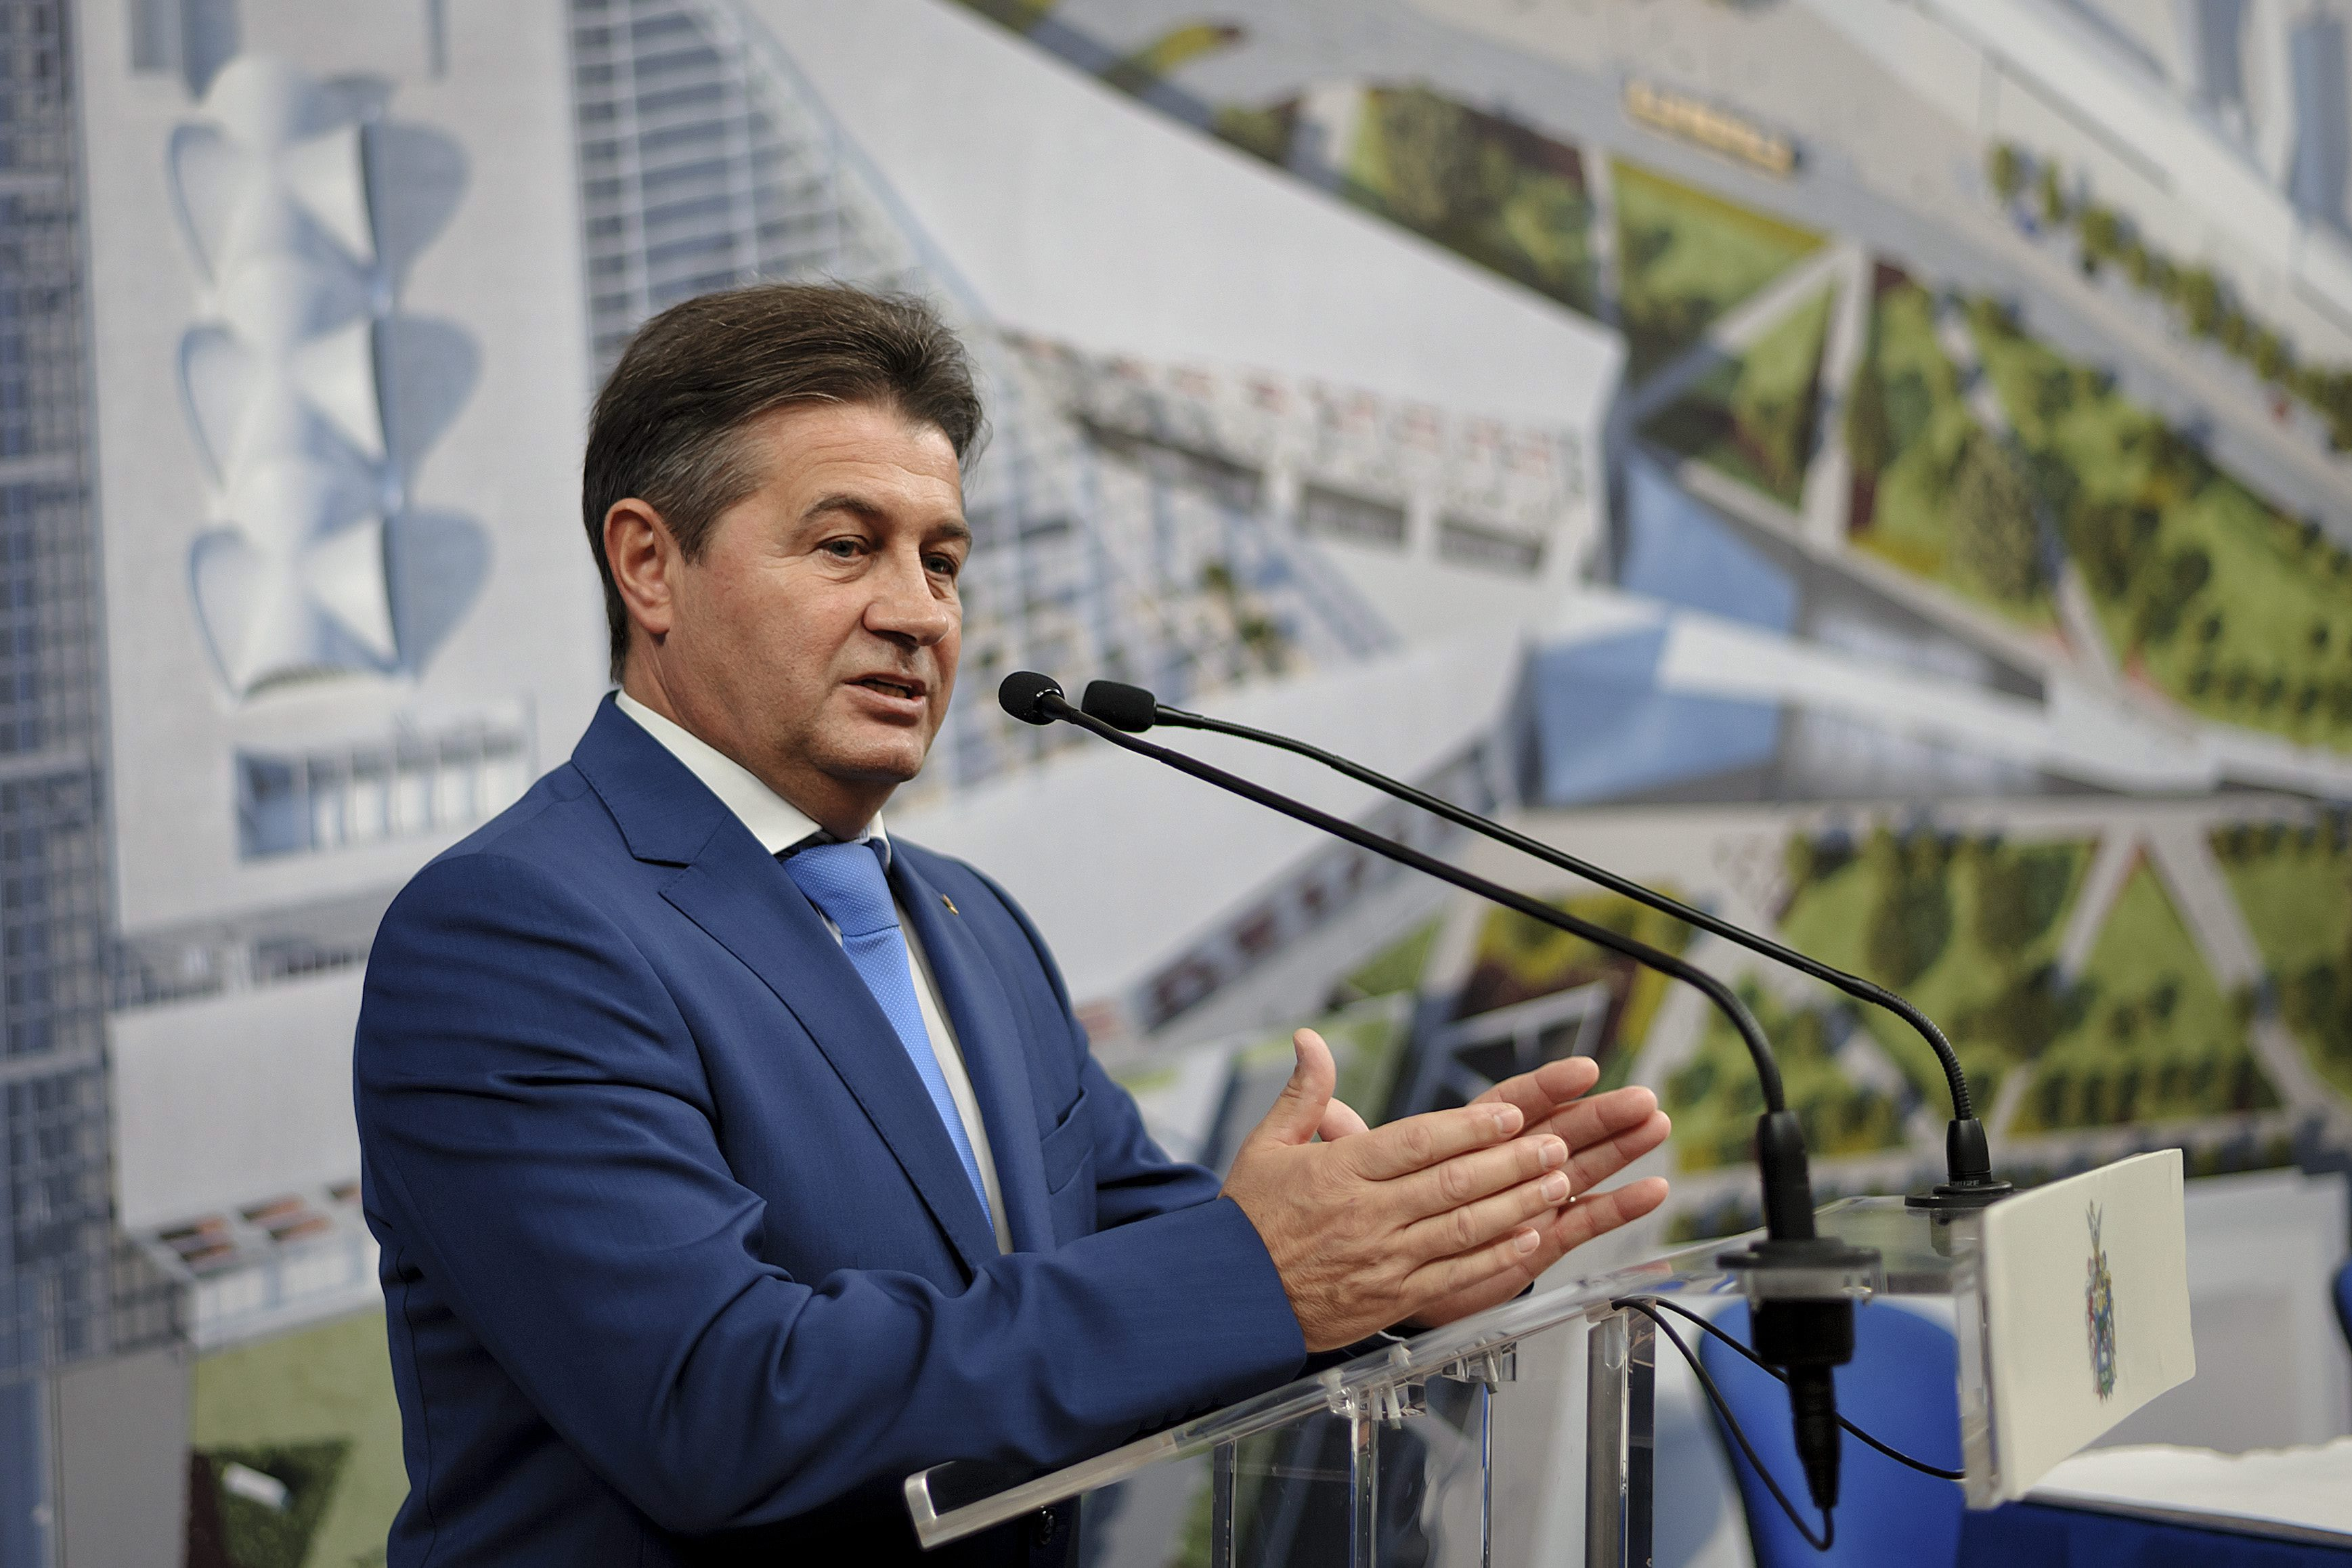 Lemondott tisztségéről Tasó László közlekedéspolitikáért felelős államtitkár